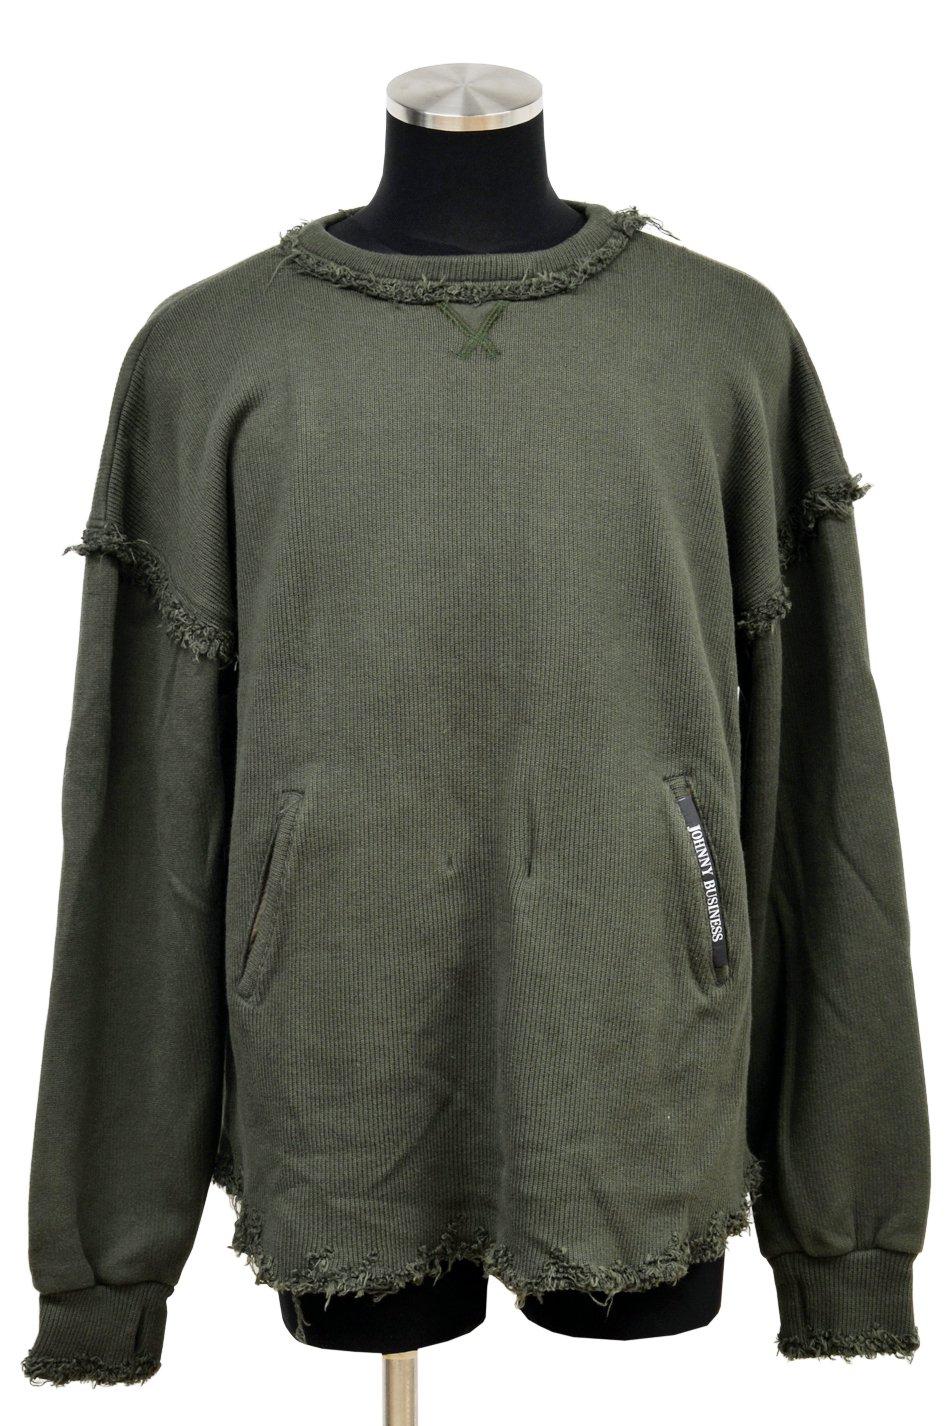 Destlayer P/O / Khaki